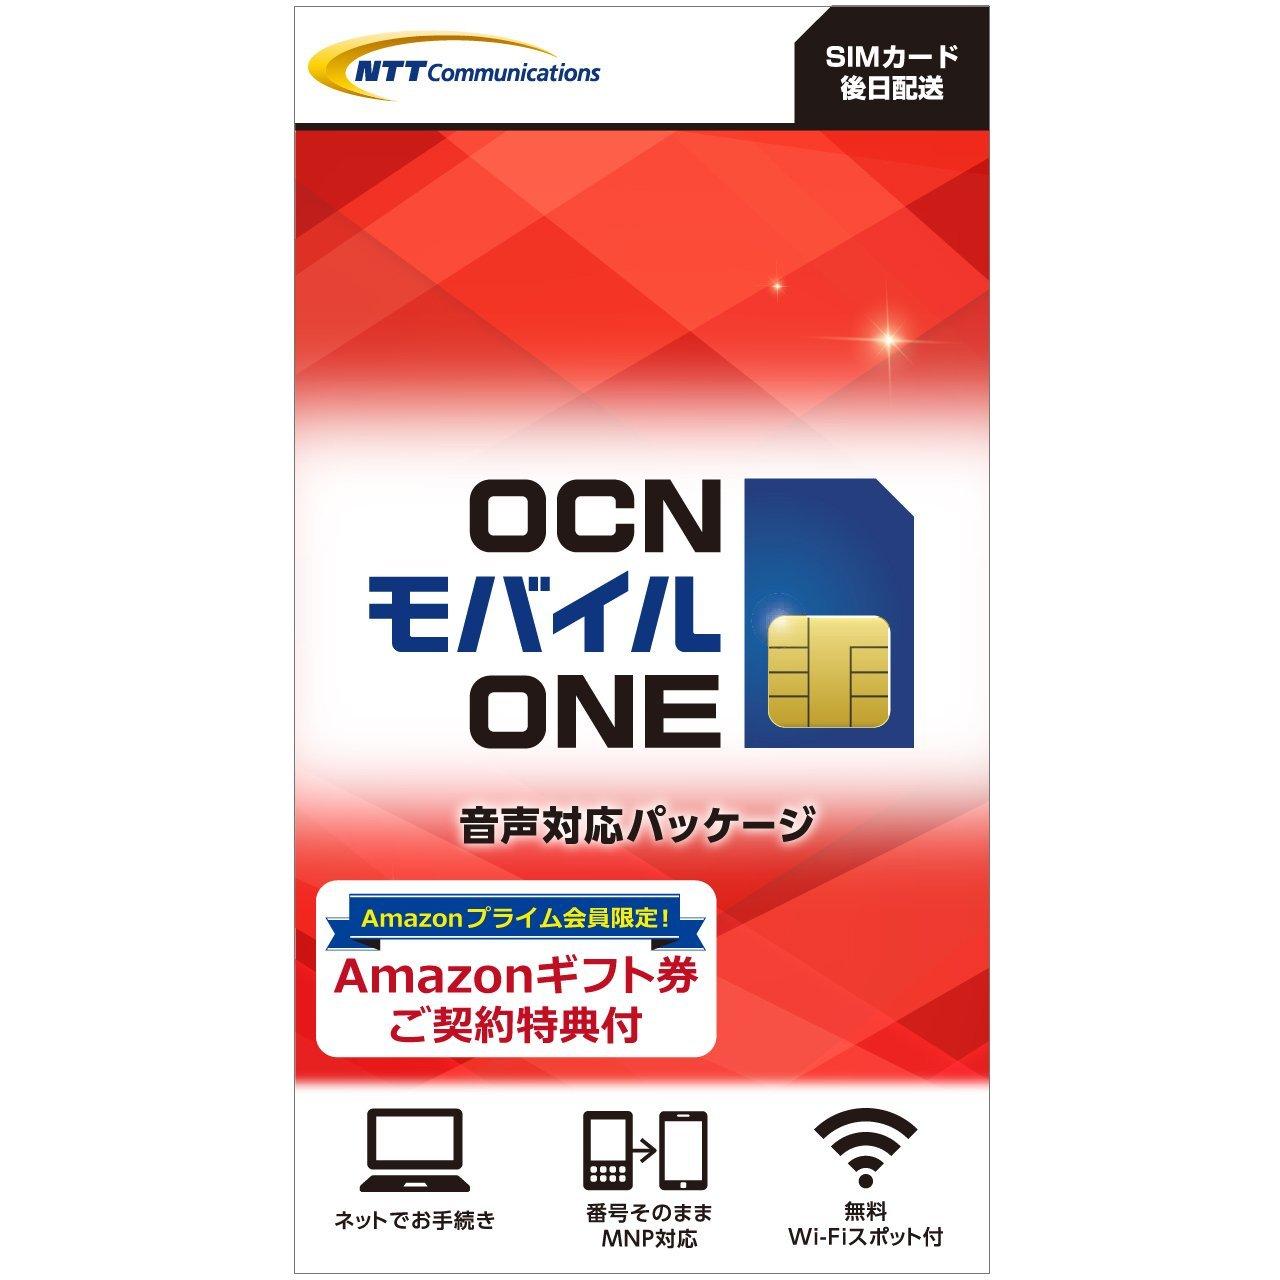 音声対応SIMカード